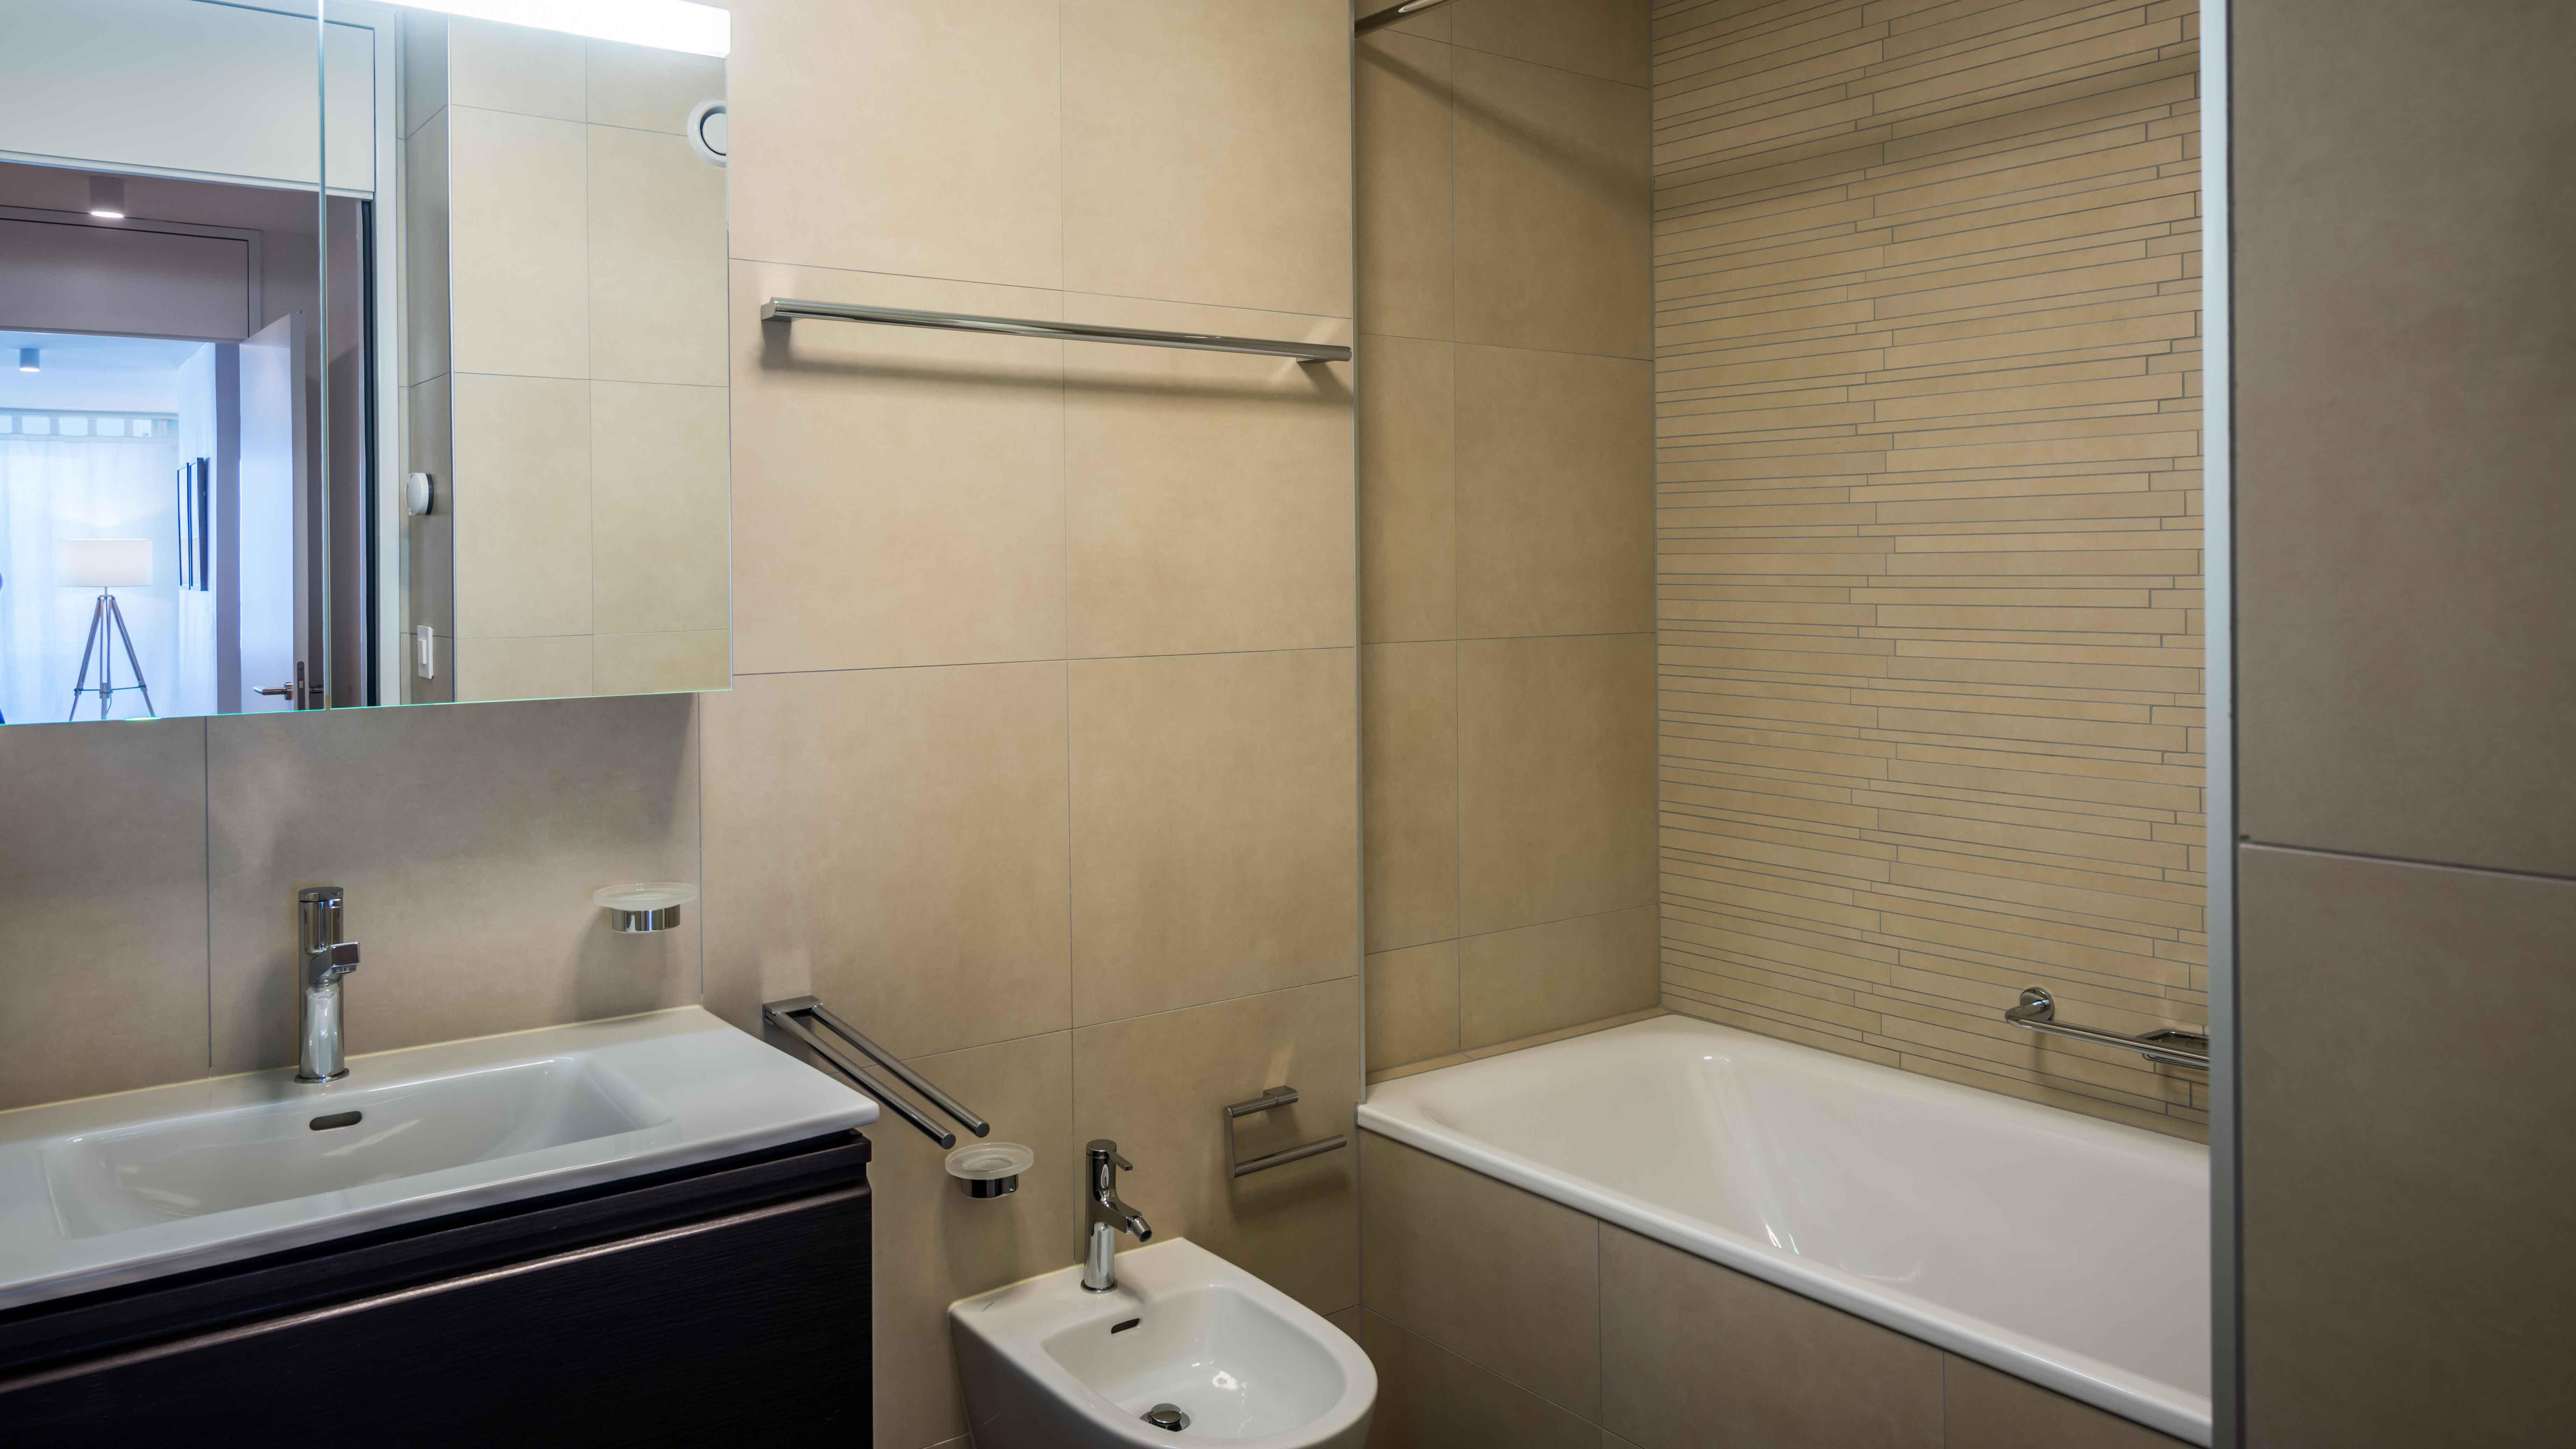 Harmony Apt Apartments, Switzerland